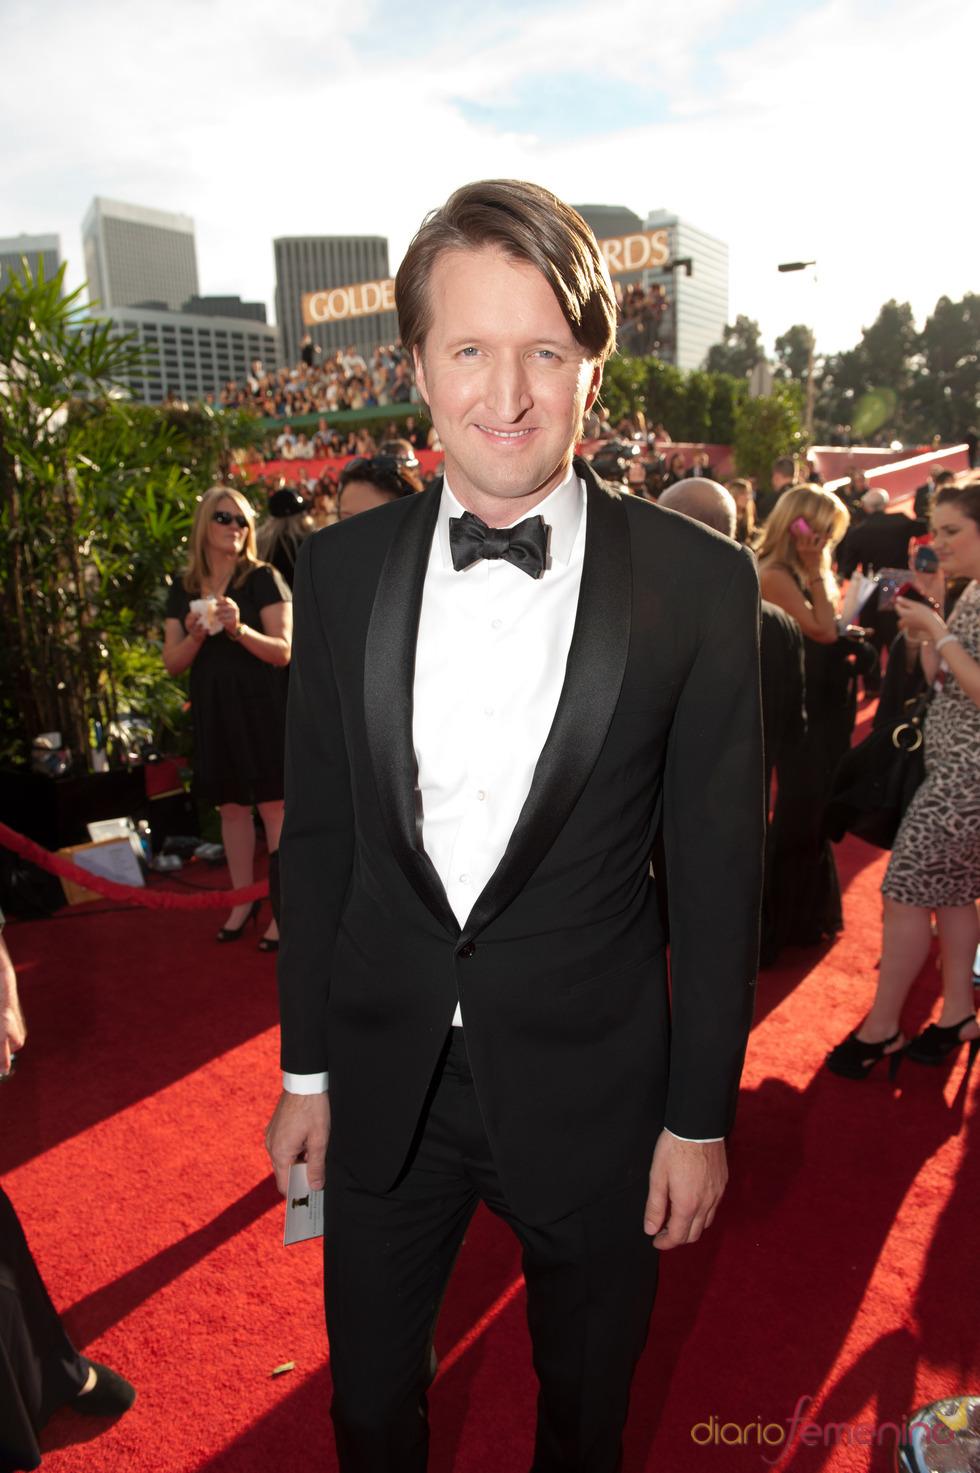 Tom Hooper, director de 'El discurso del rey' en los Globos de Oro 2011